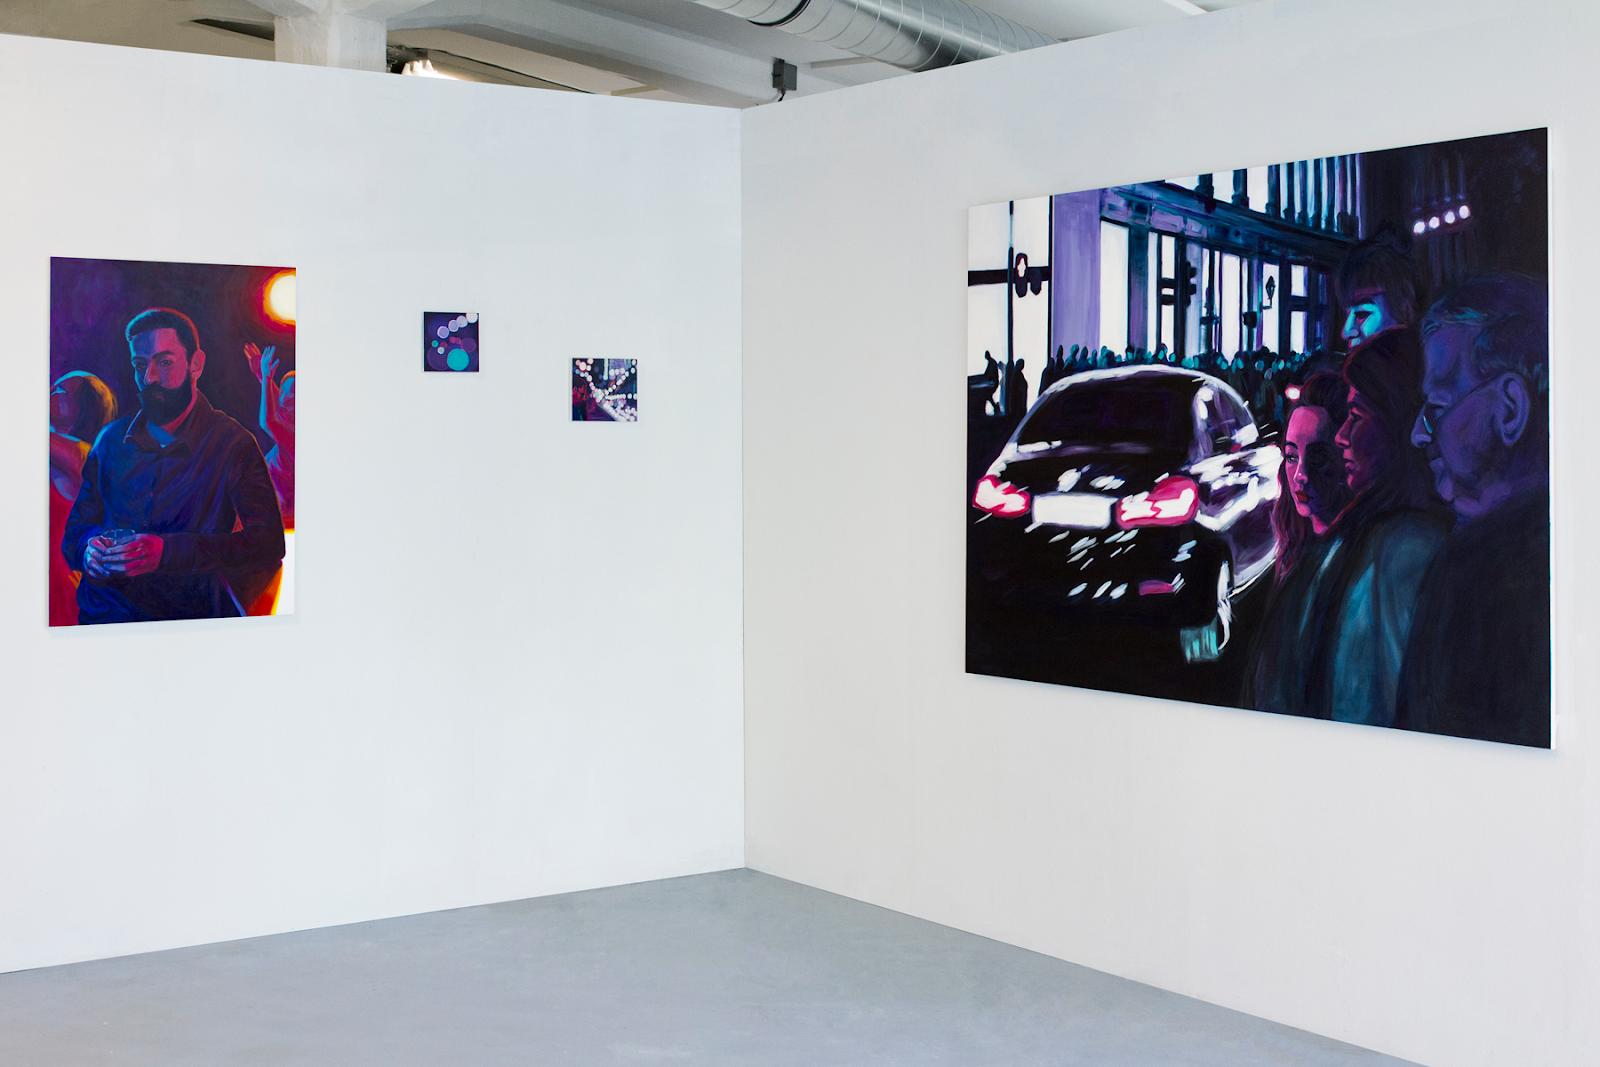 Werken uit de serie Urban Solitude, tijdens Exposure 2018